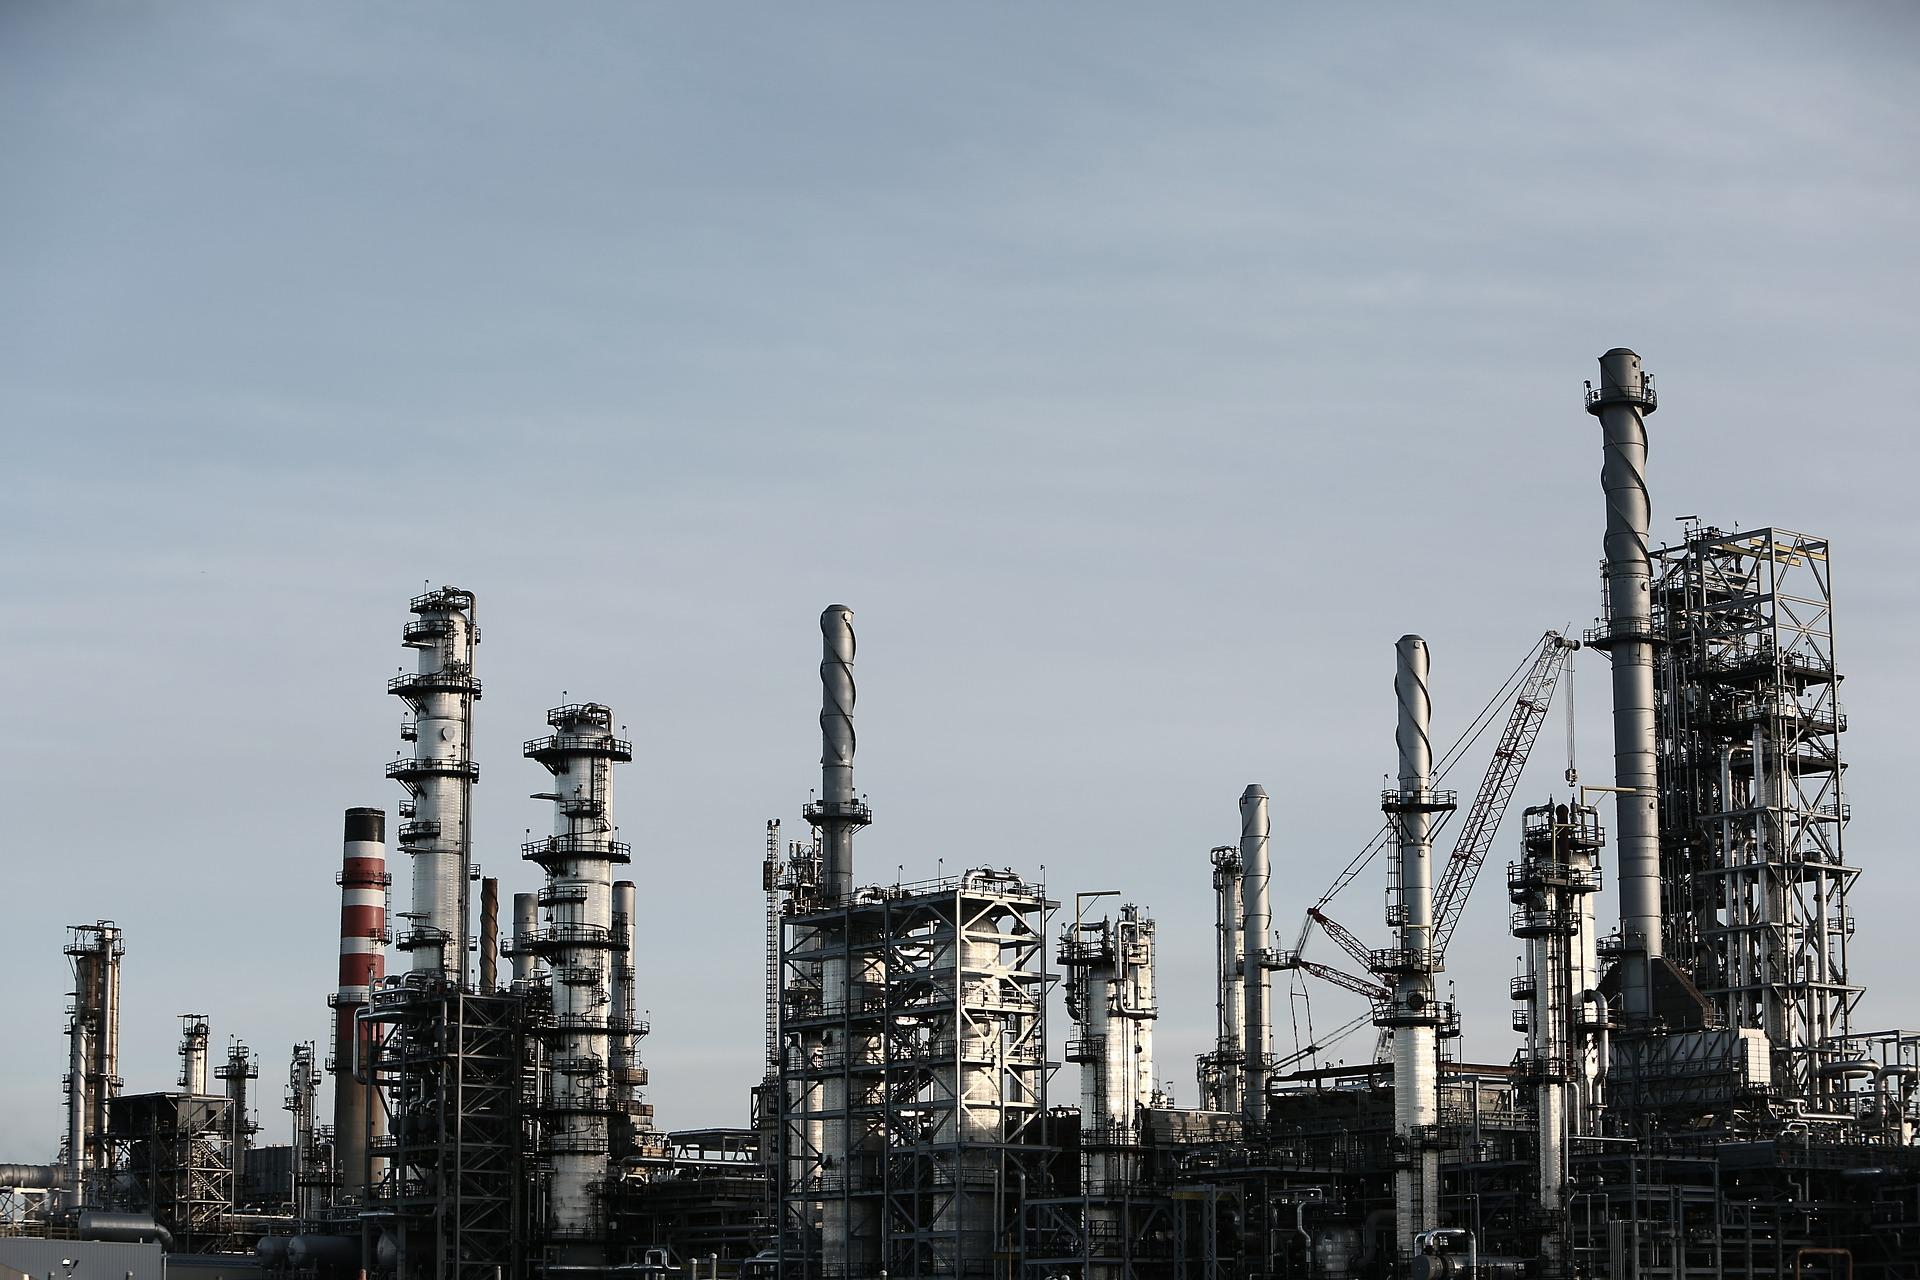 зелёная химия - химический завод